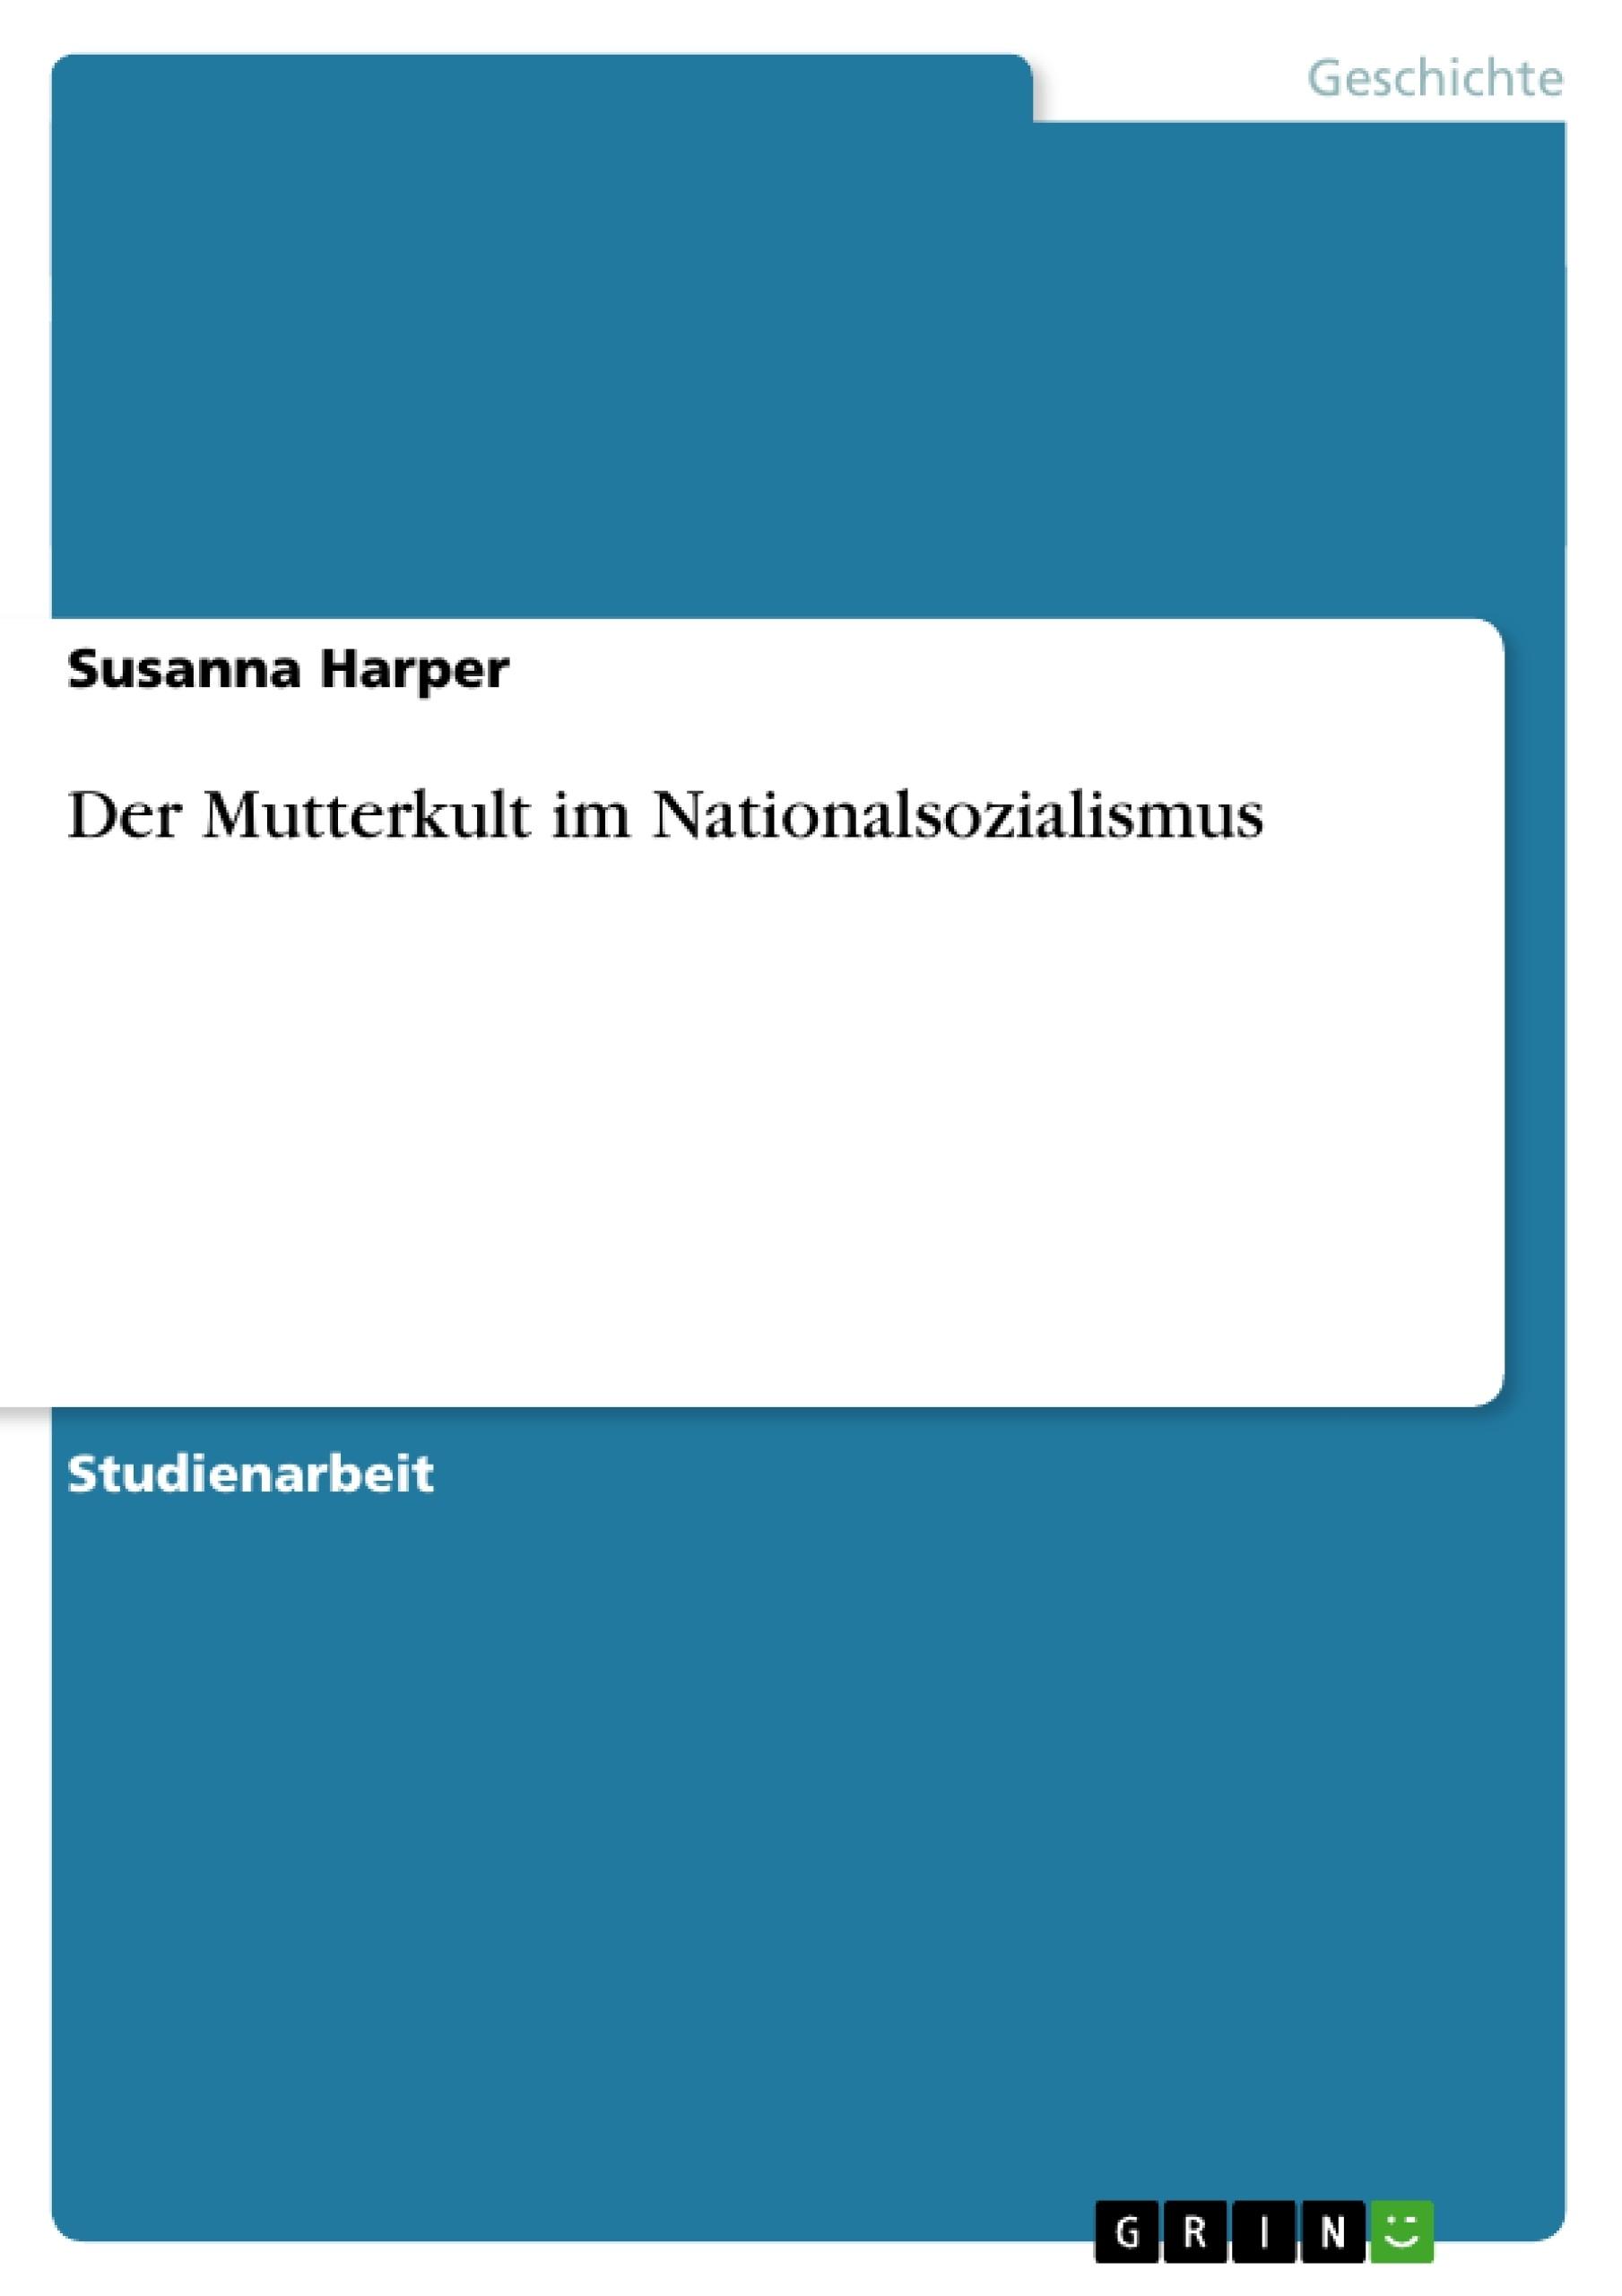 Titel: Der Mutterkult im Nationalsozialismus